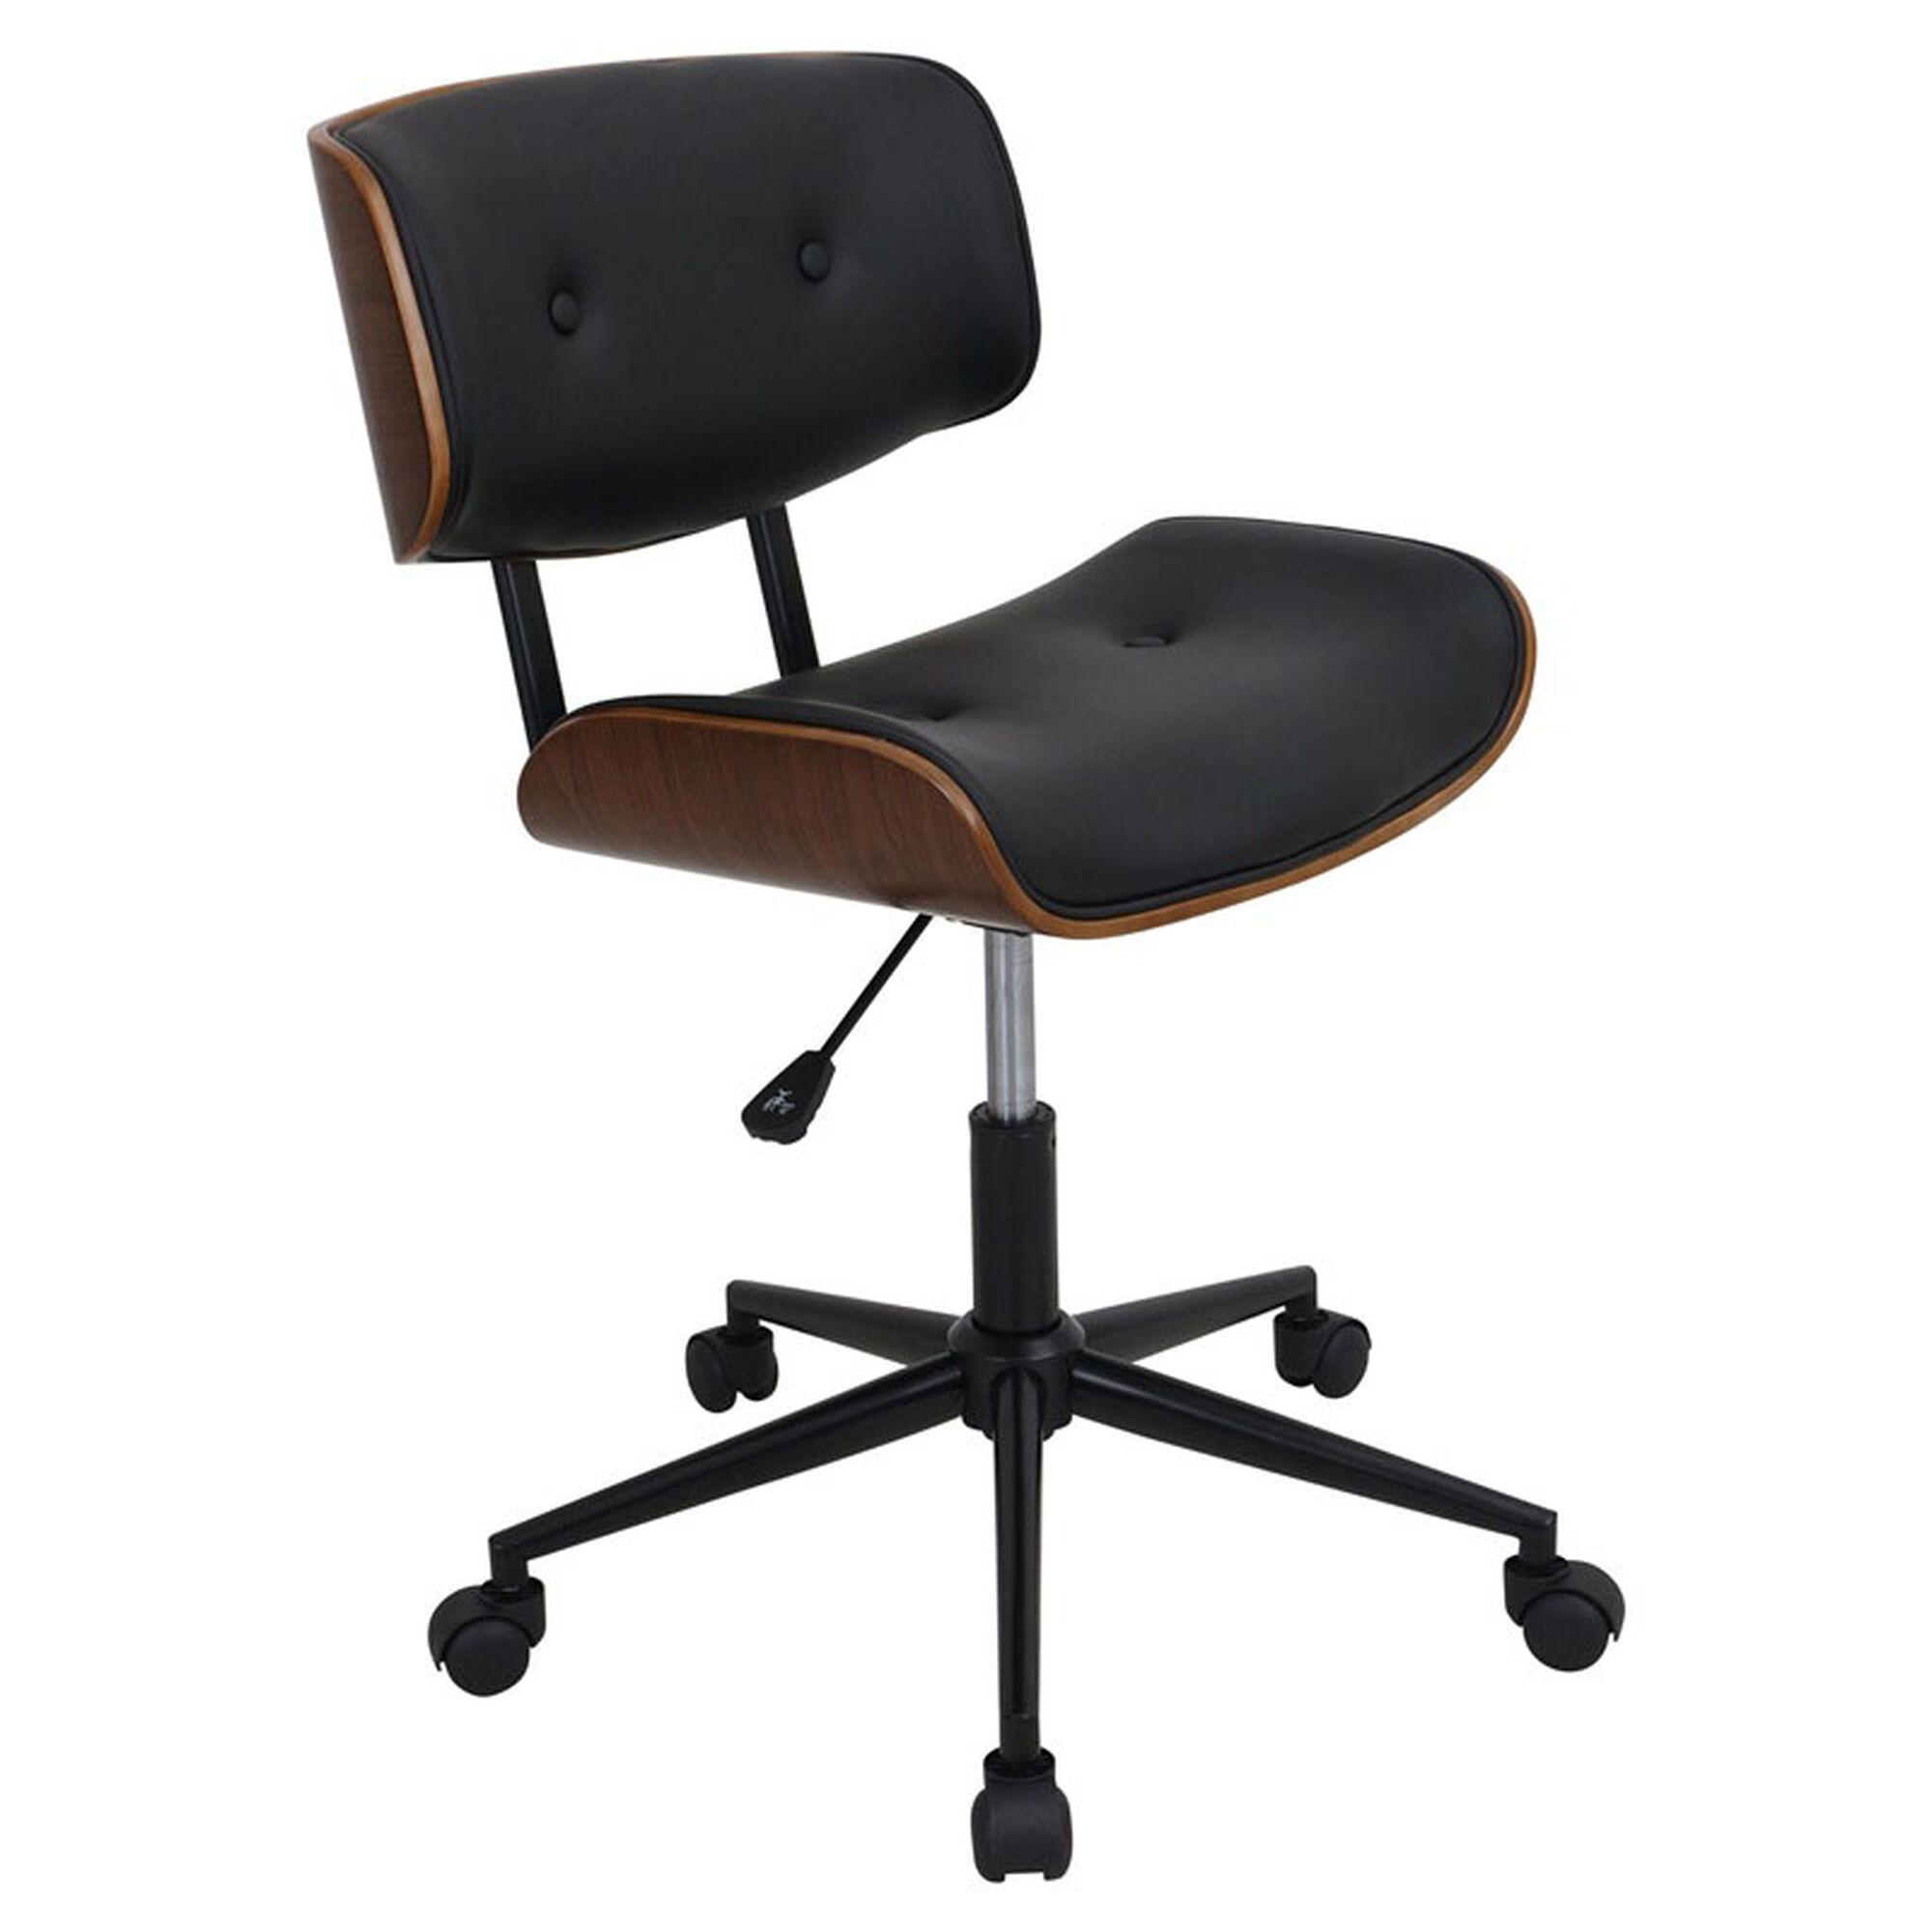 Lombardi Black Office Chair Oc Jy Lmb Wl Bk Bizchaircom